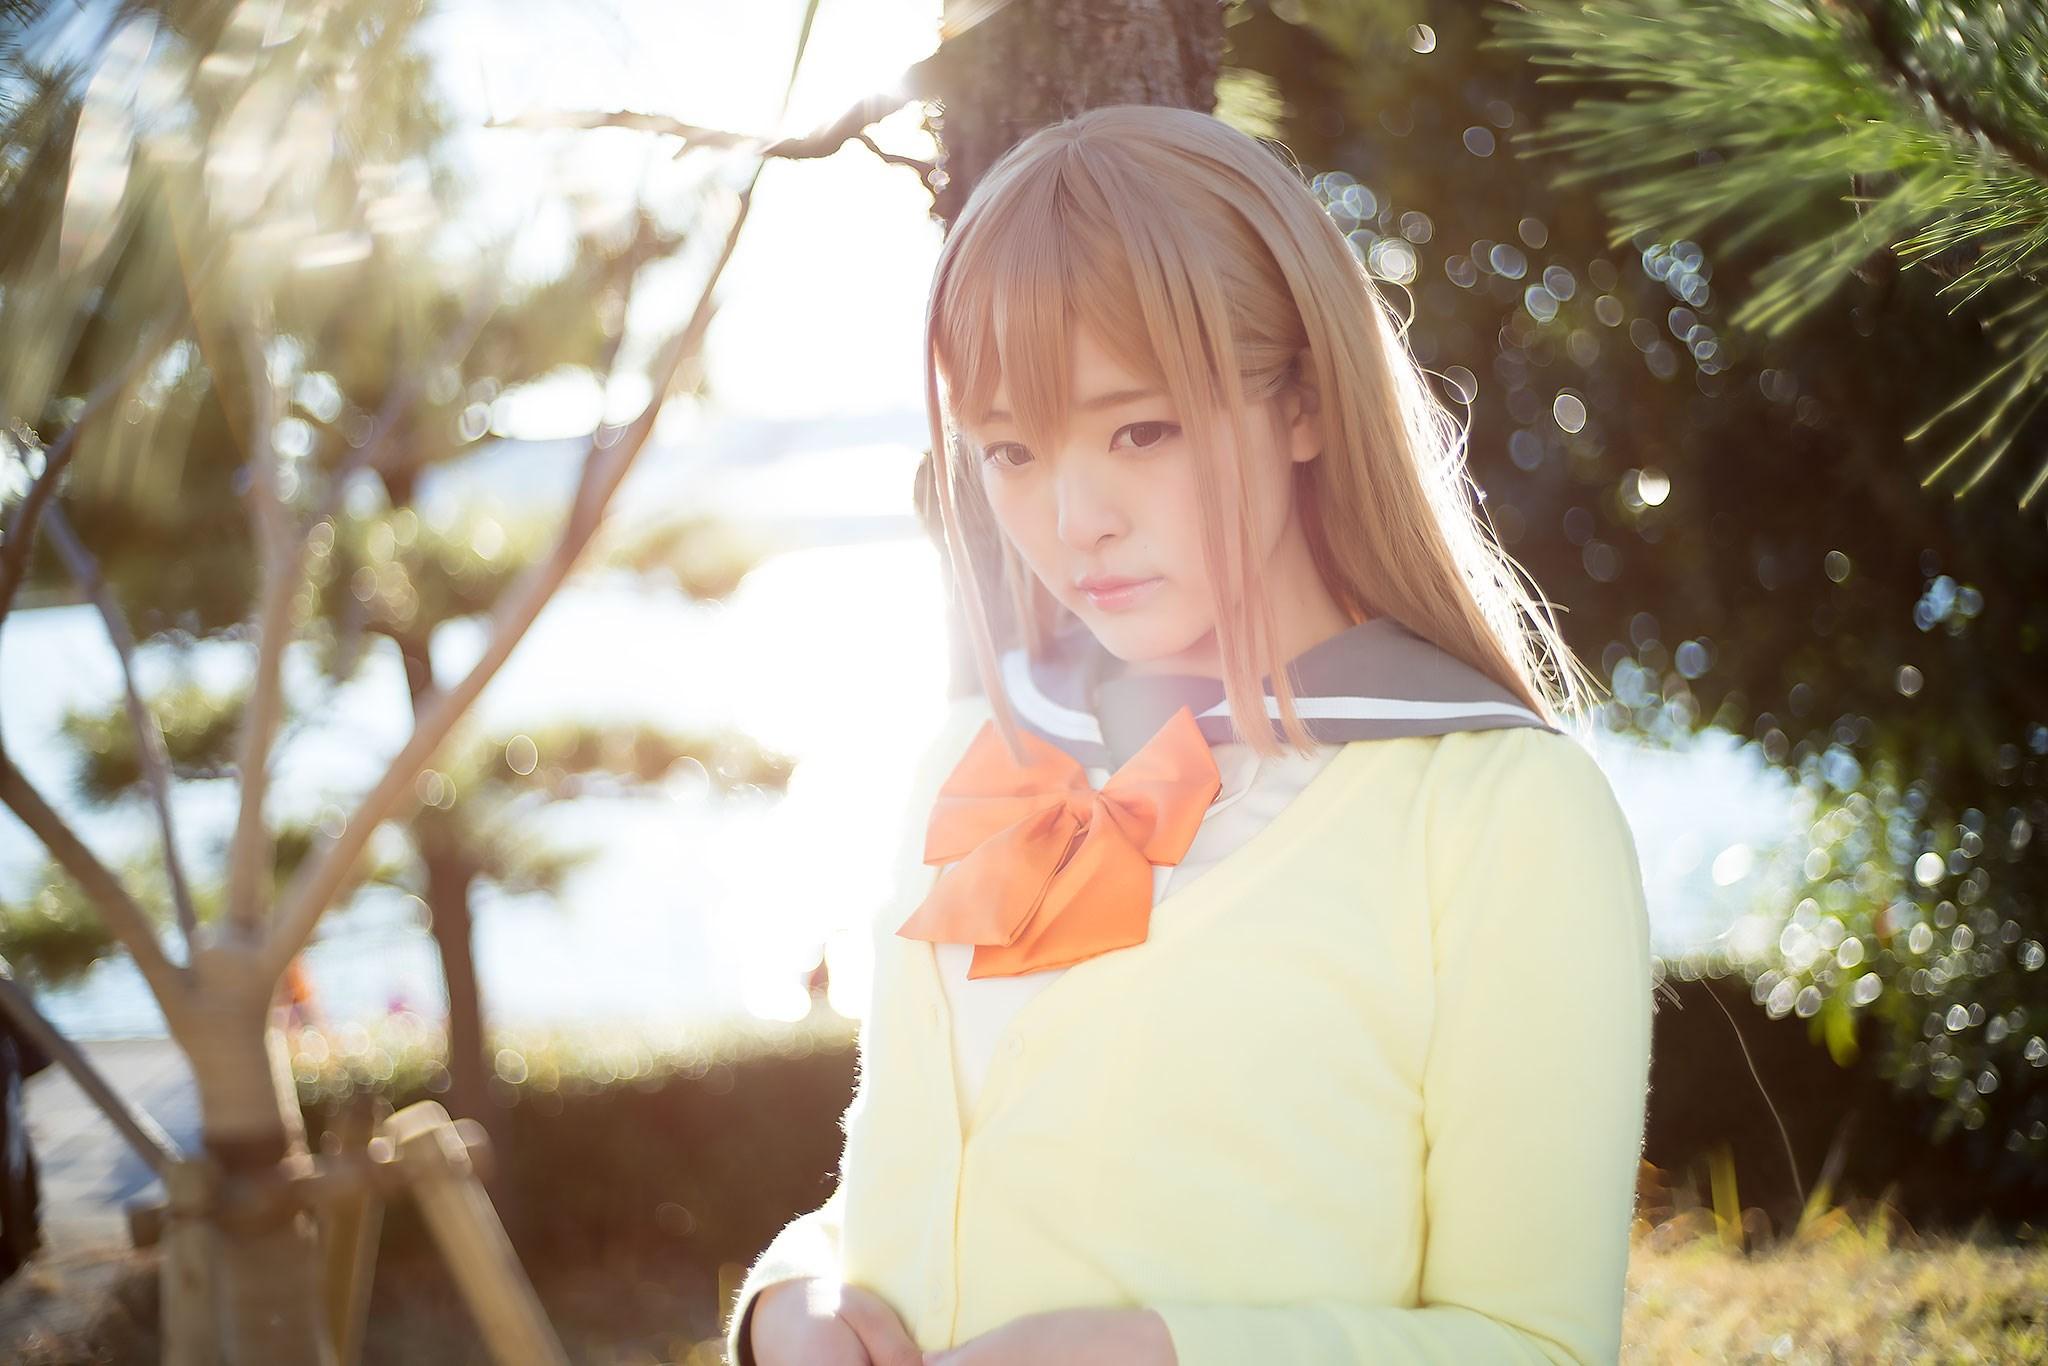 【兔玩映画】阳光与少女 兔玩映画 第42张